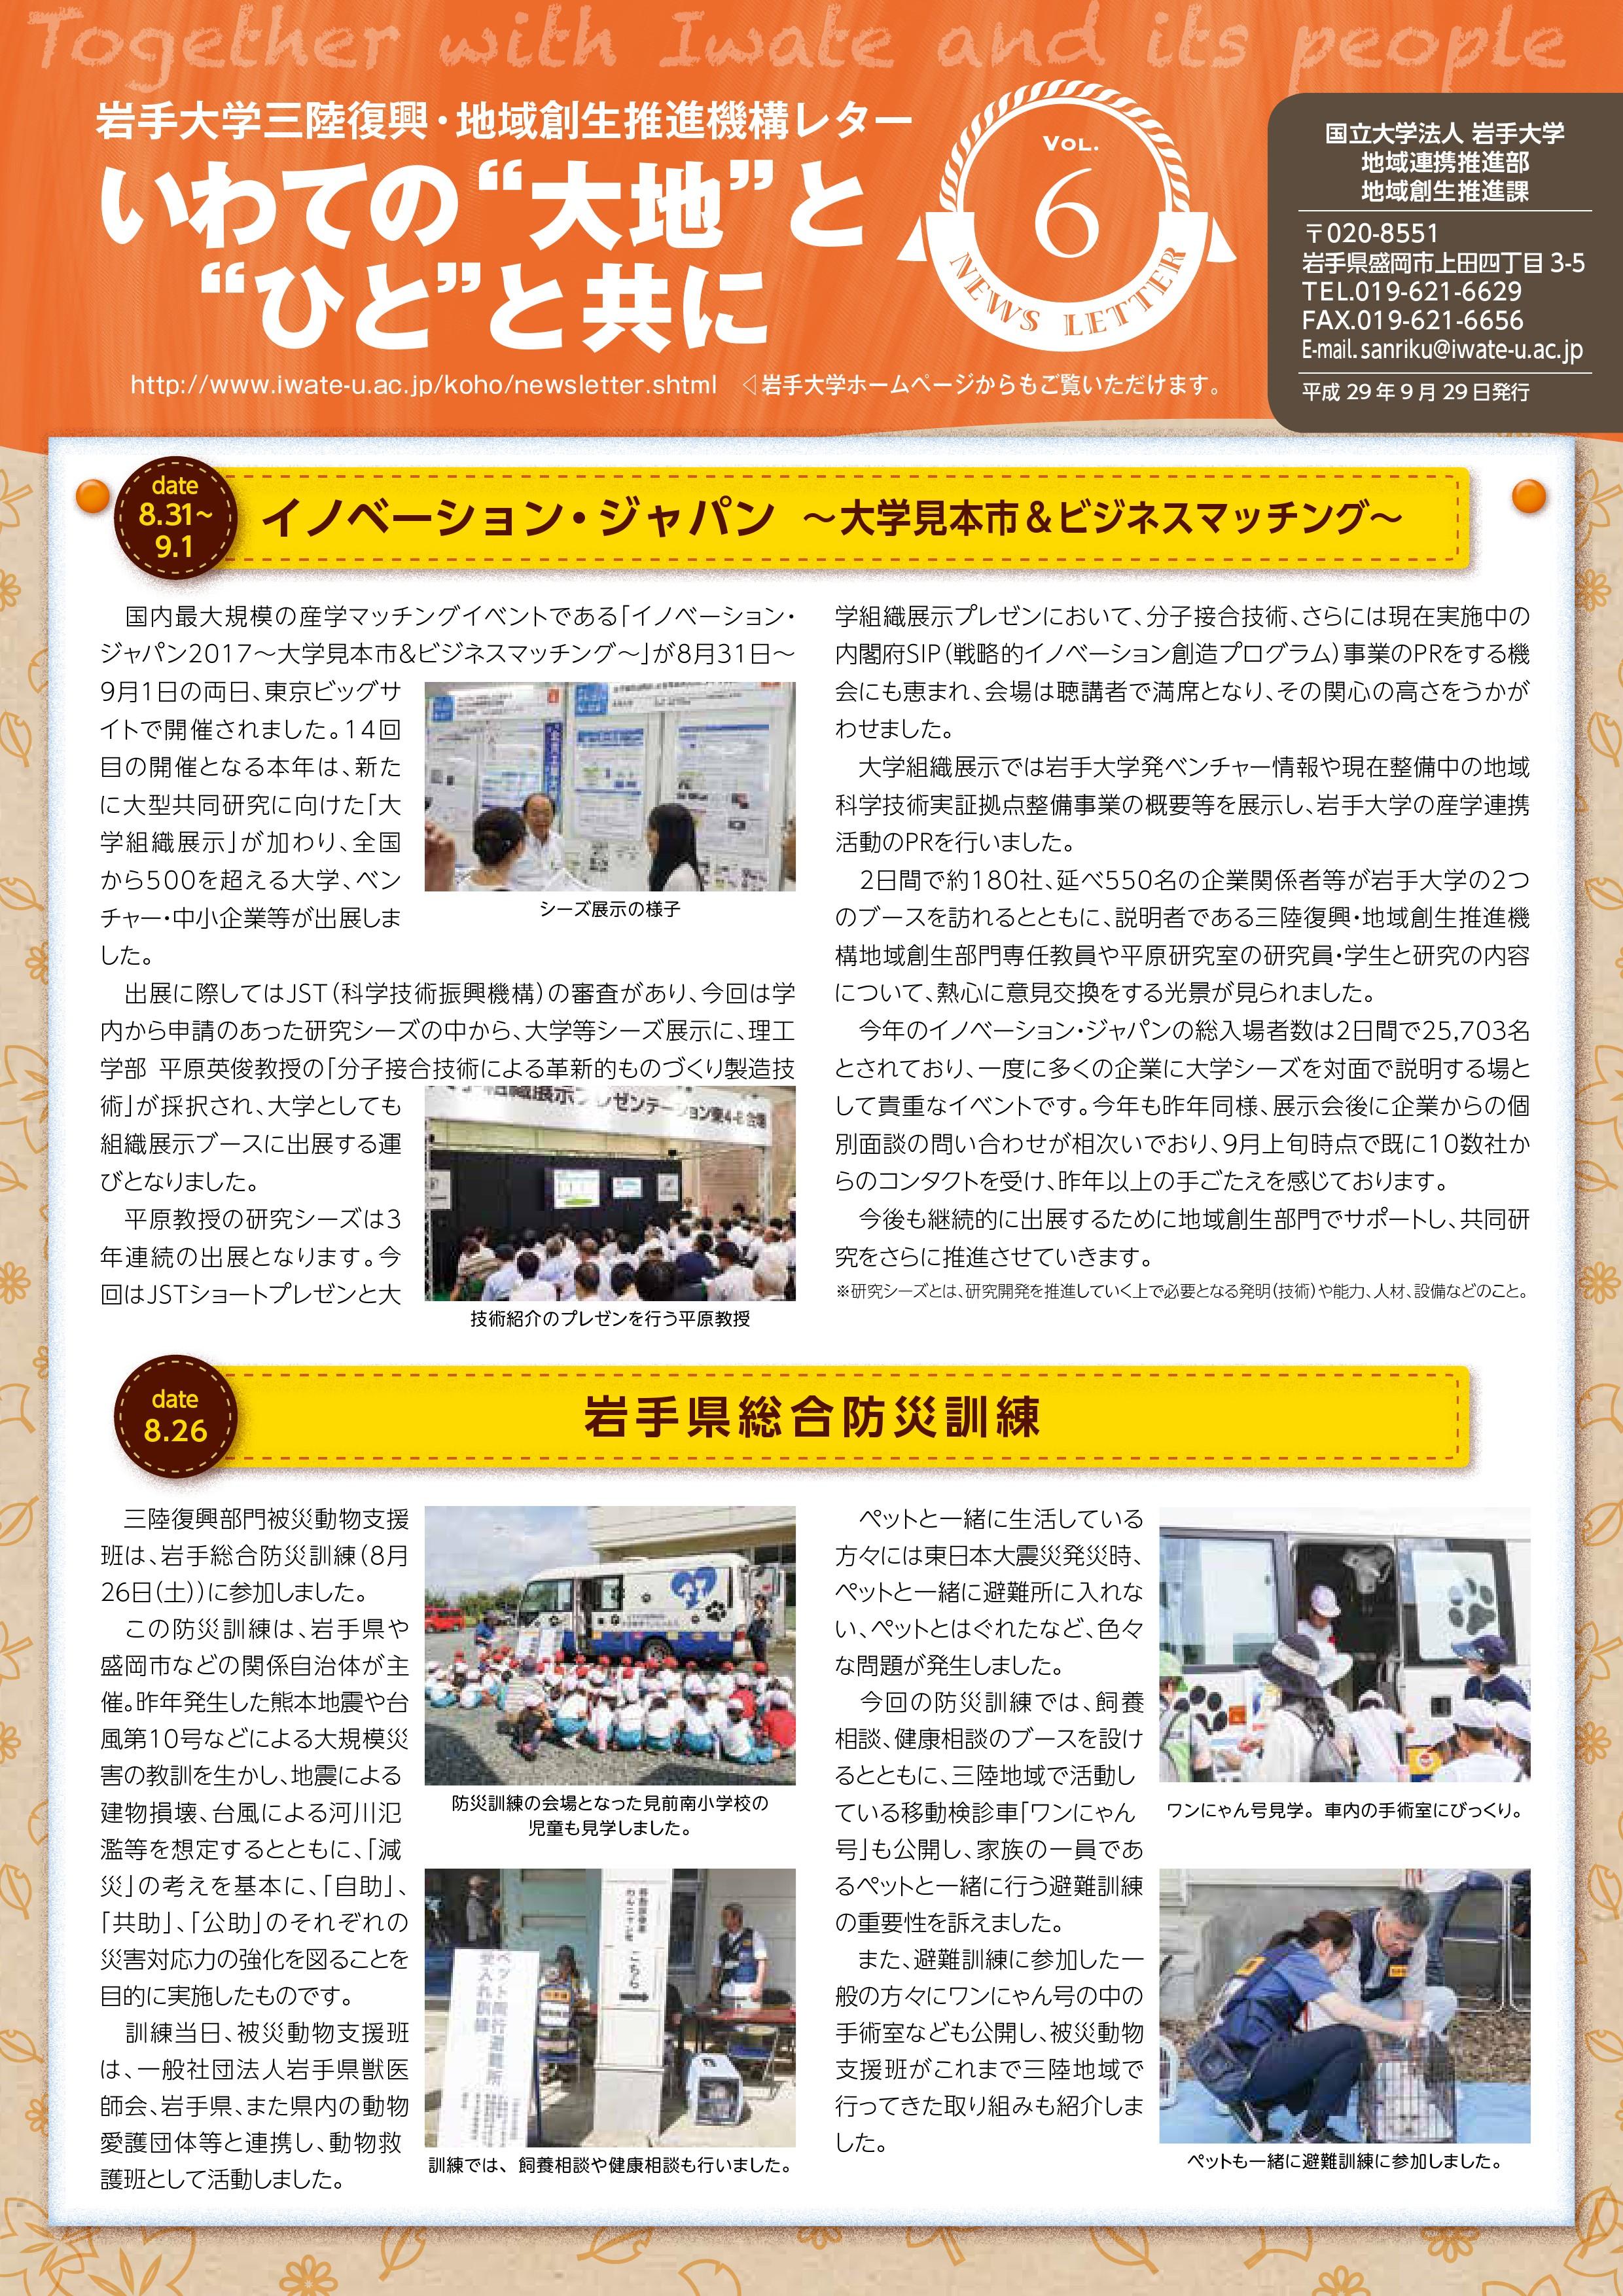 Vol.6 イノベーション・ジャパン ~大学見本市&ビジネスマッチング~